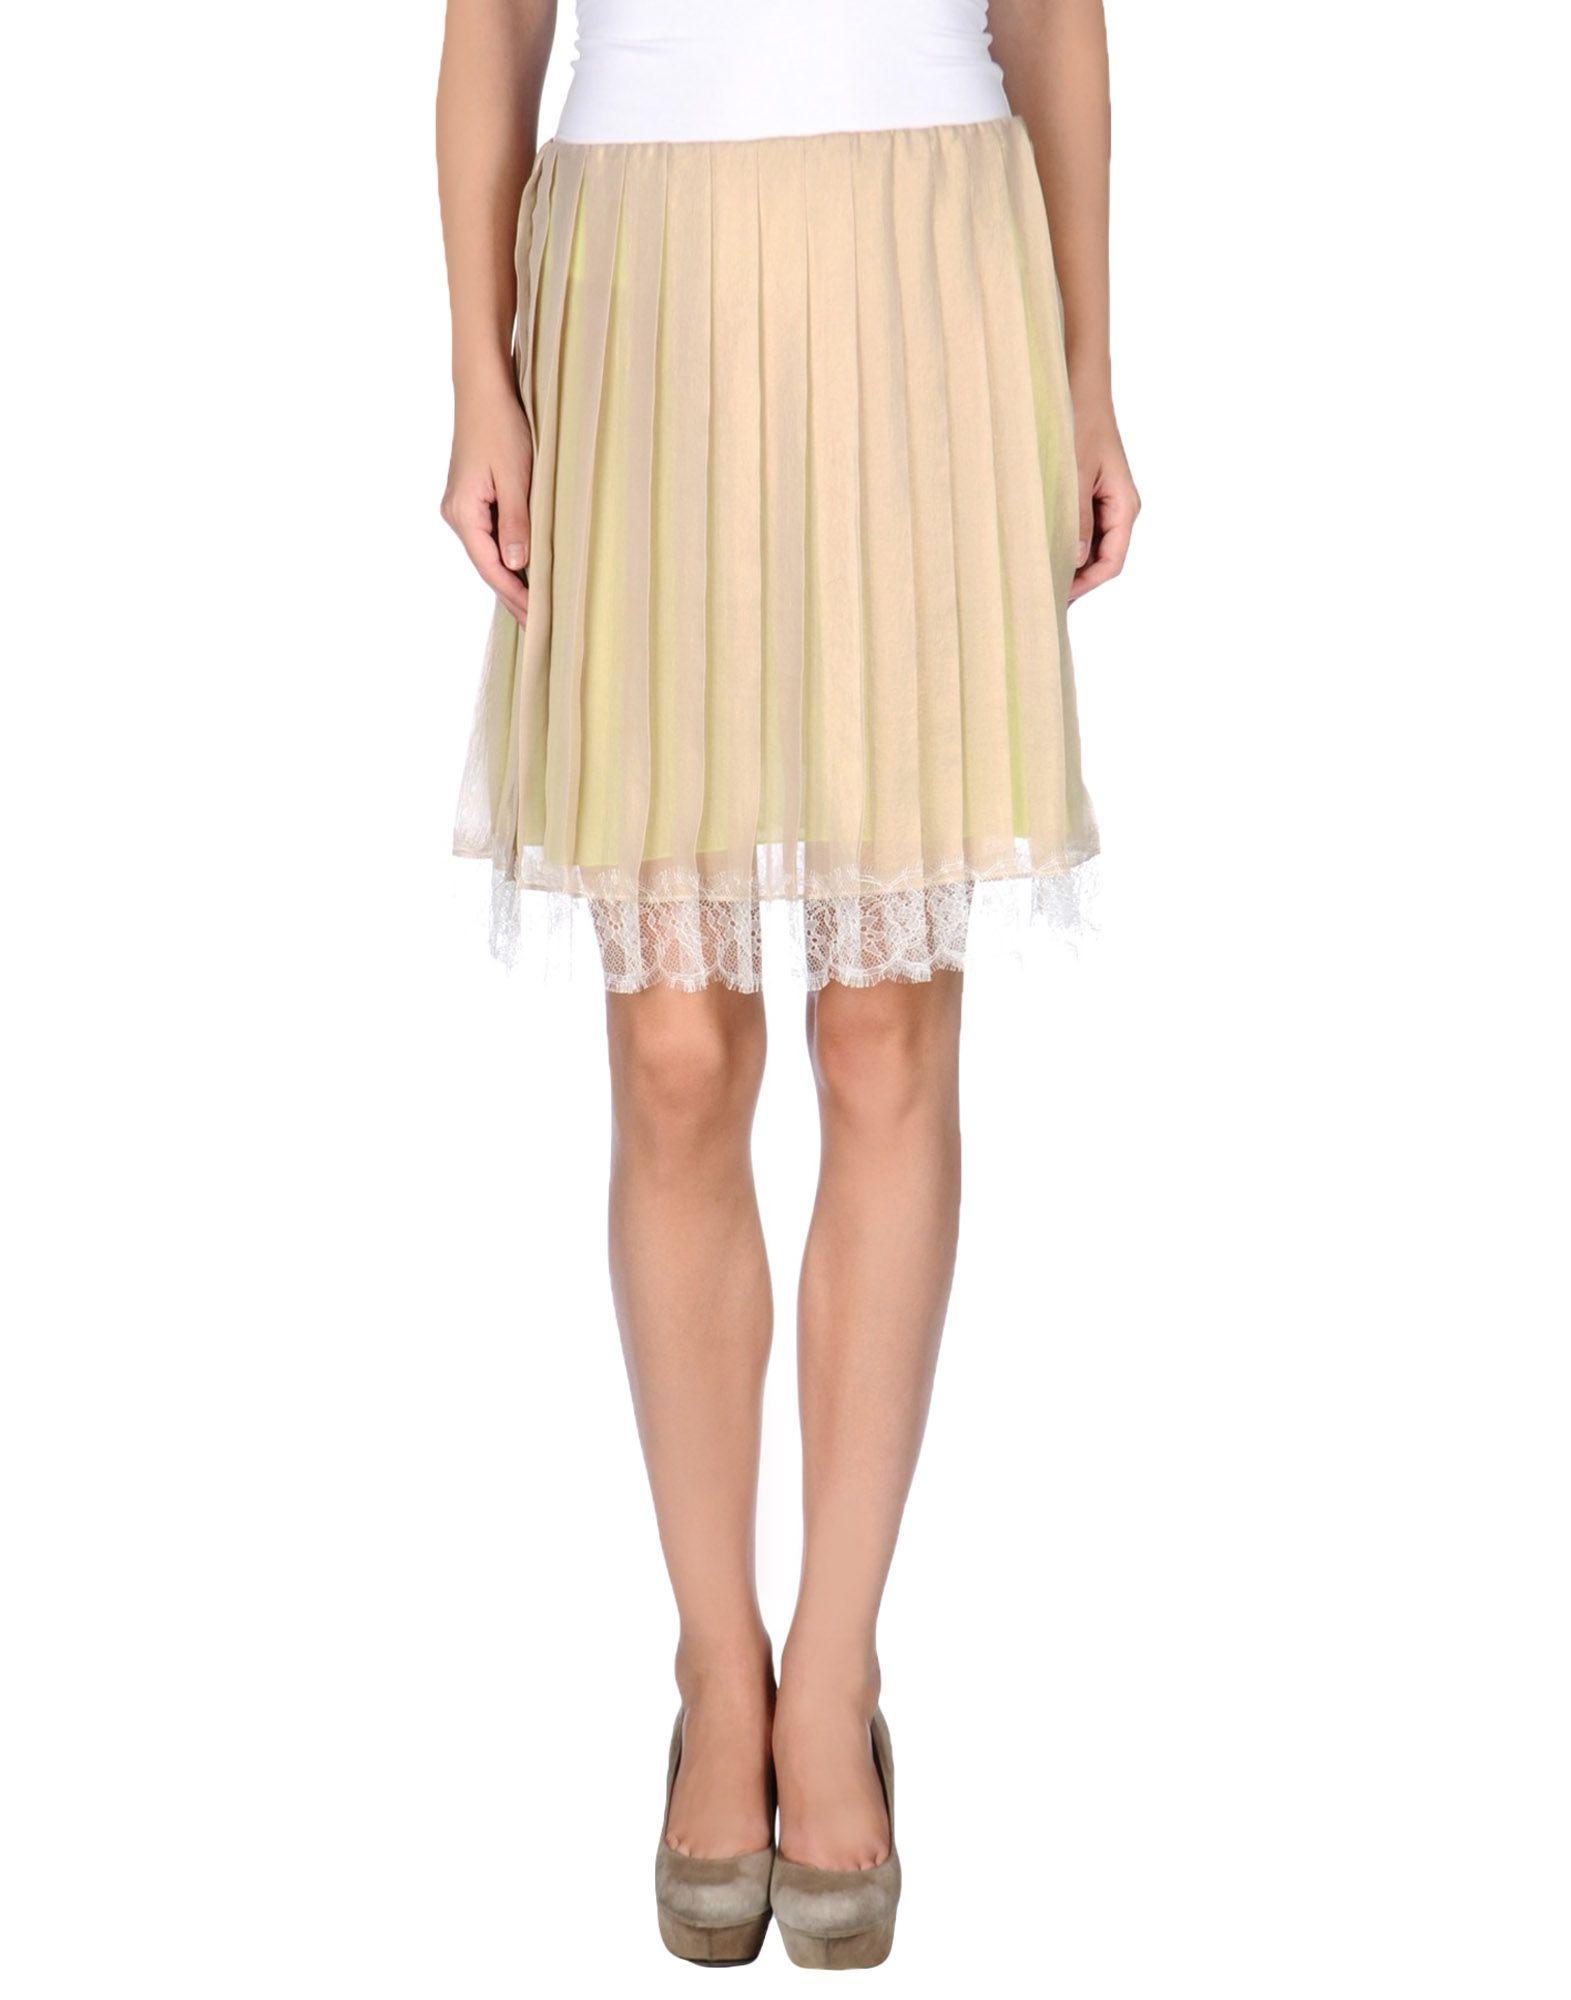 khaki knee length skirt